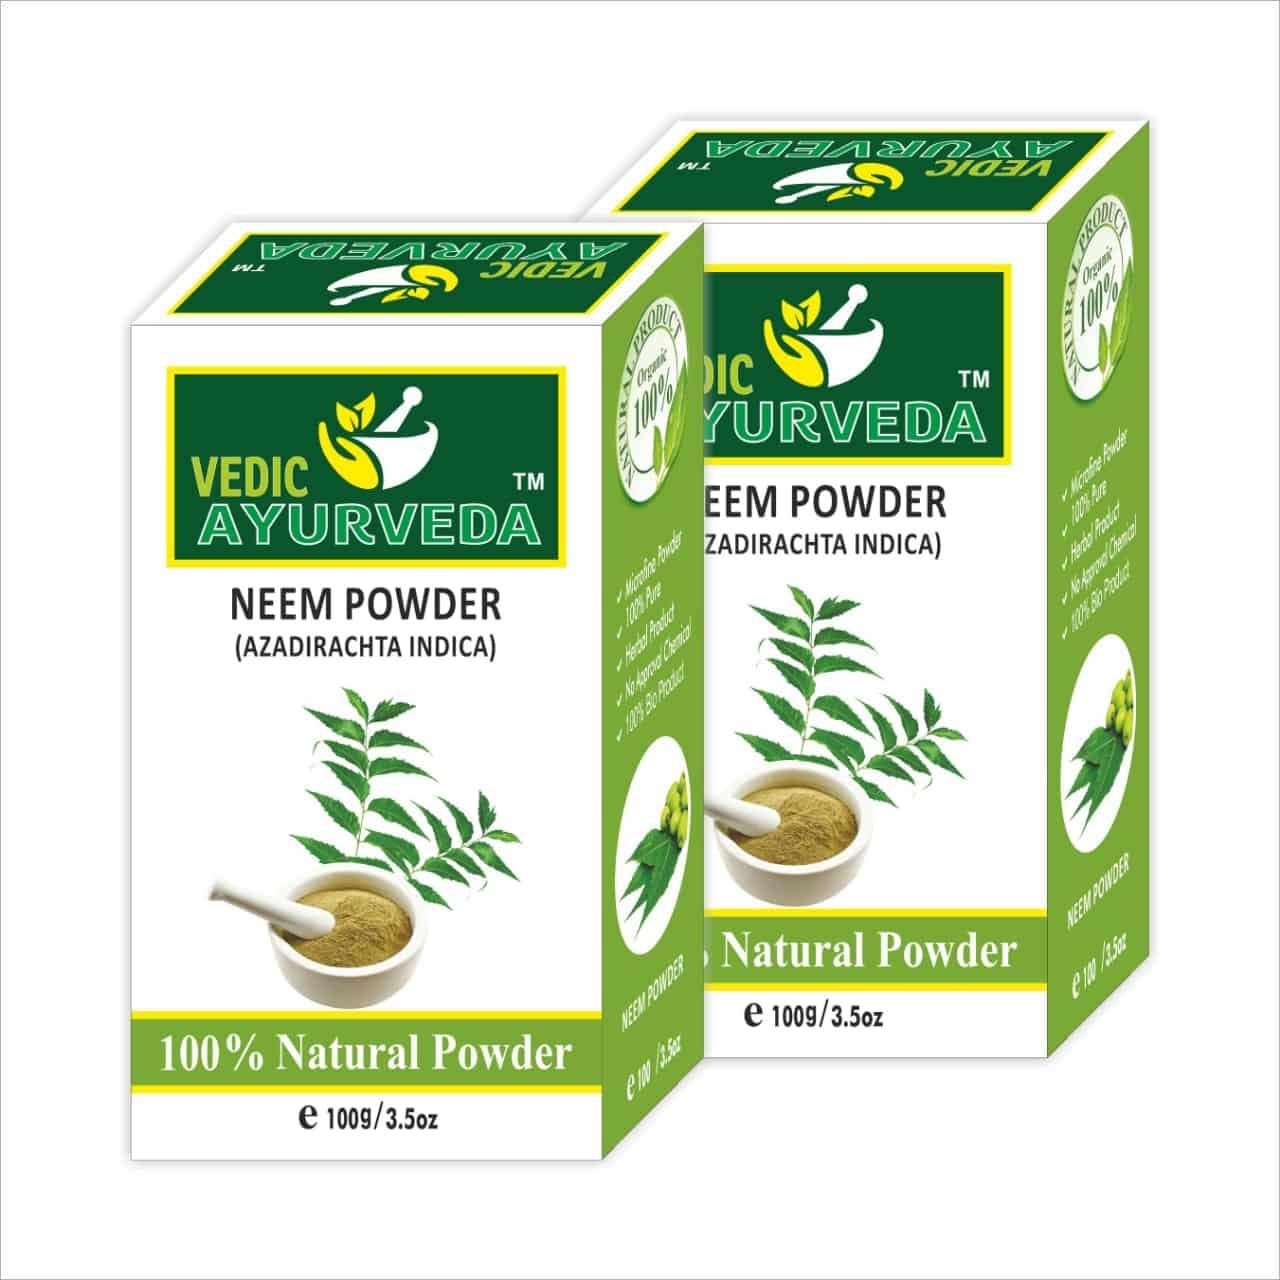 vedicayurvedas neem powder